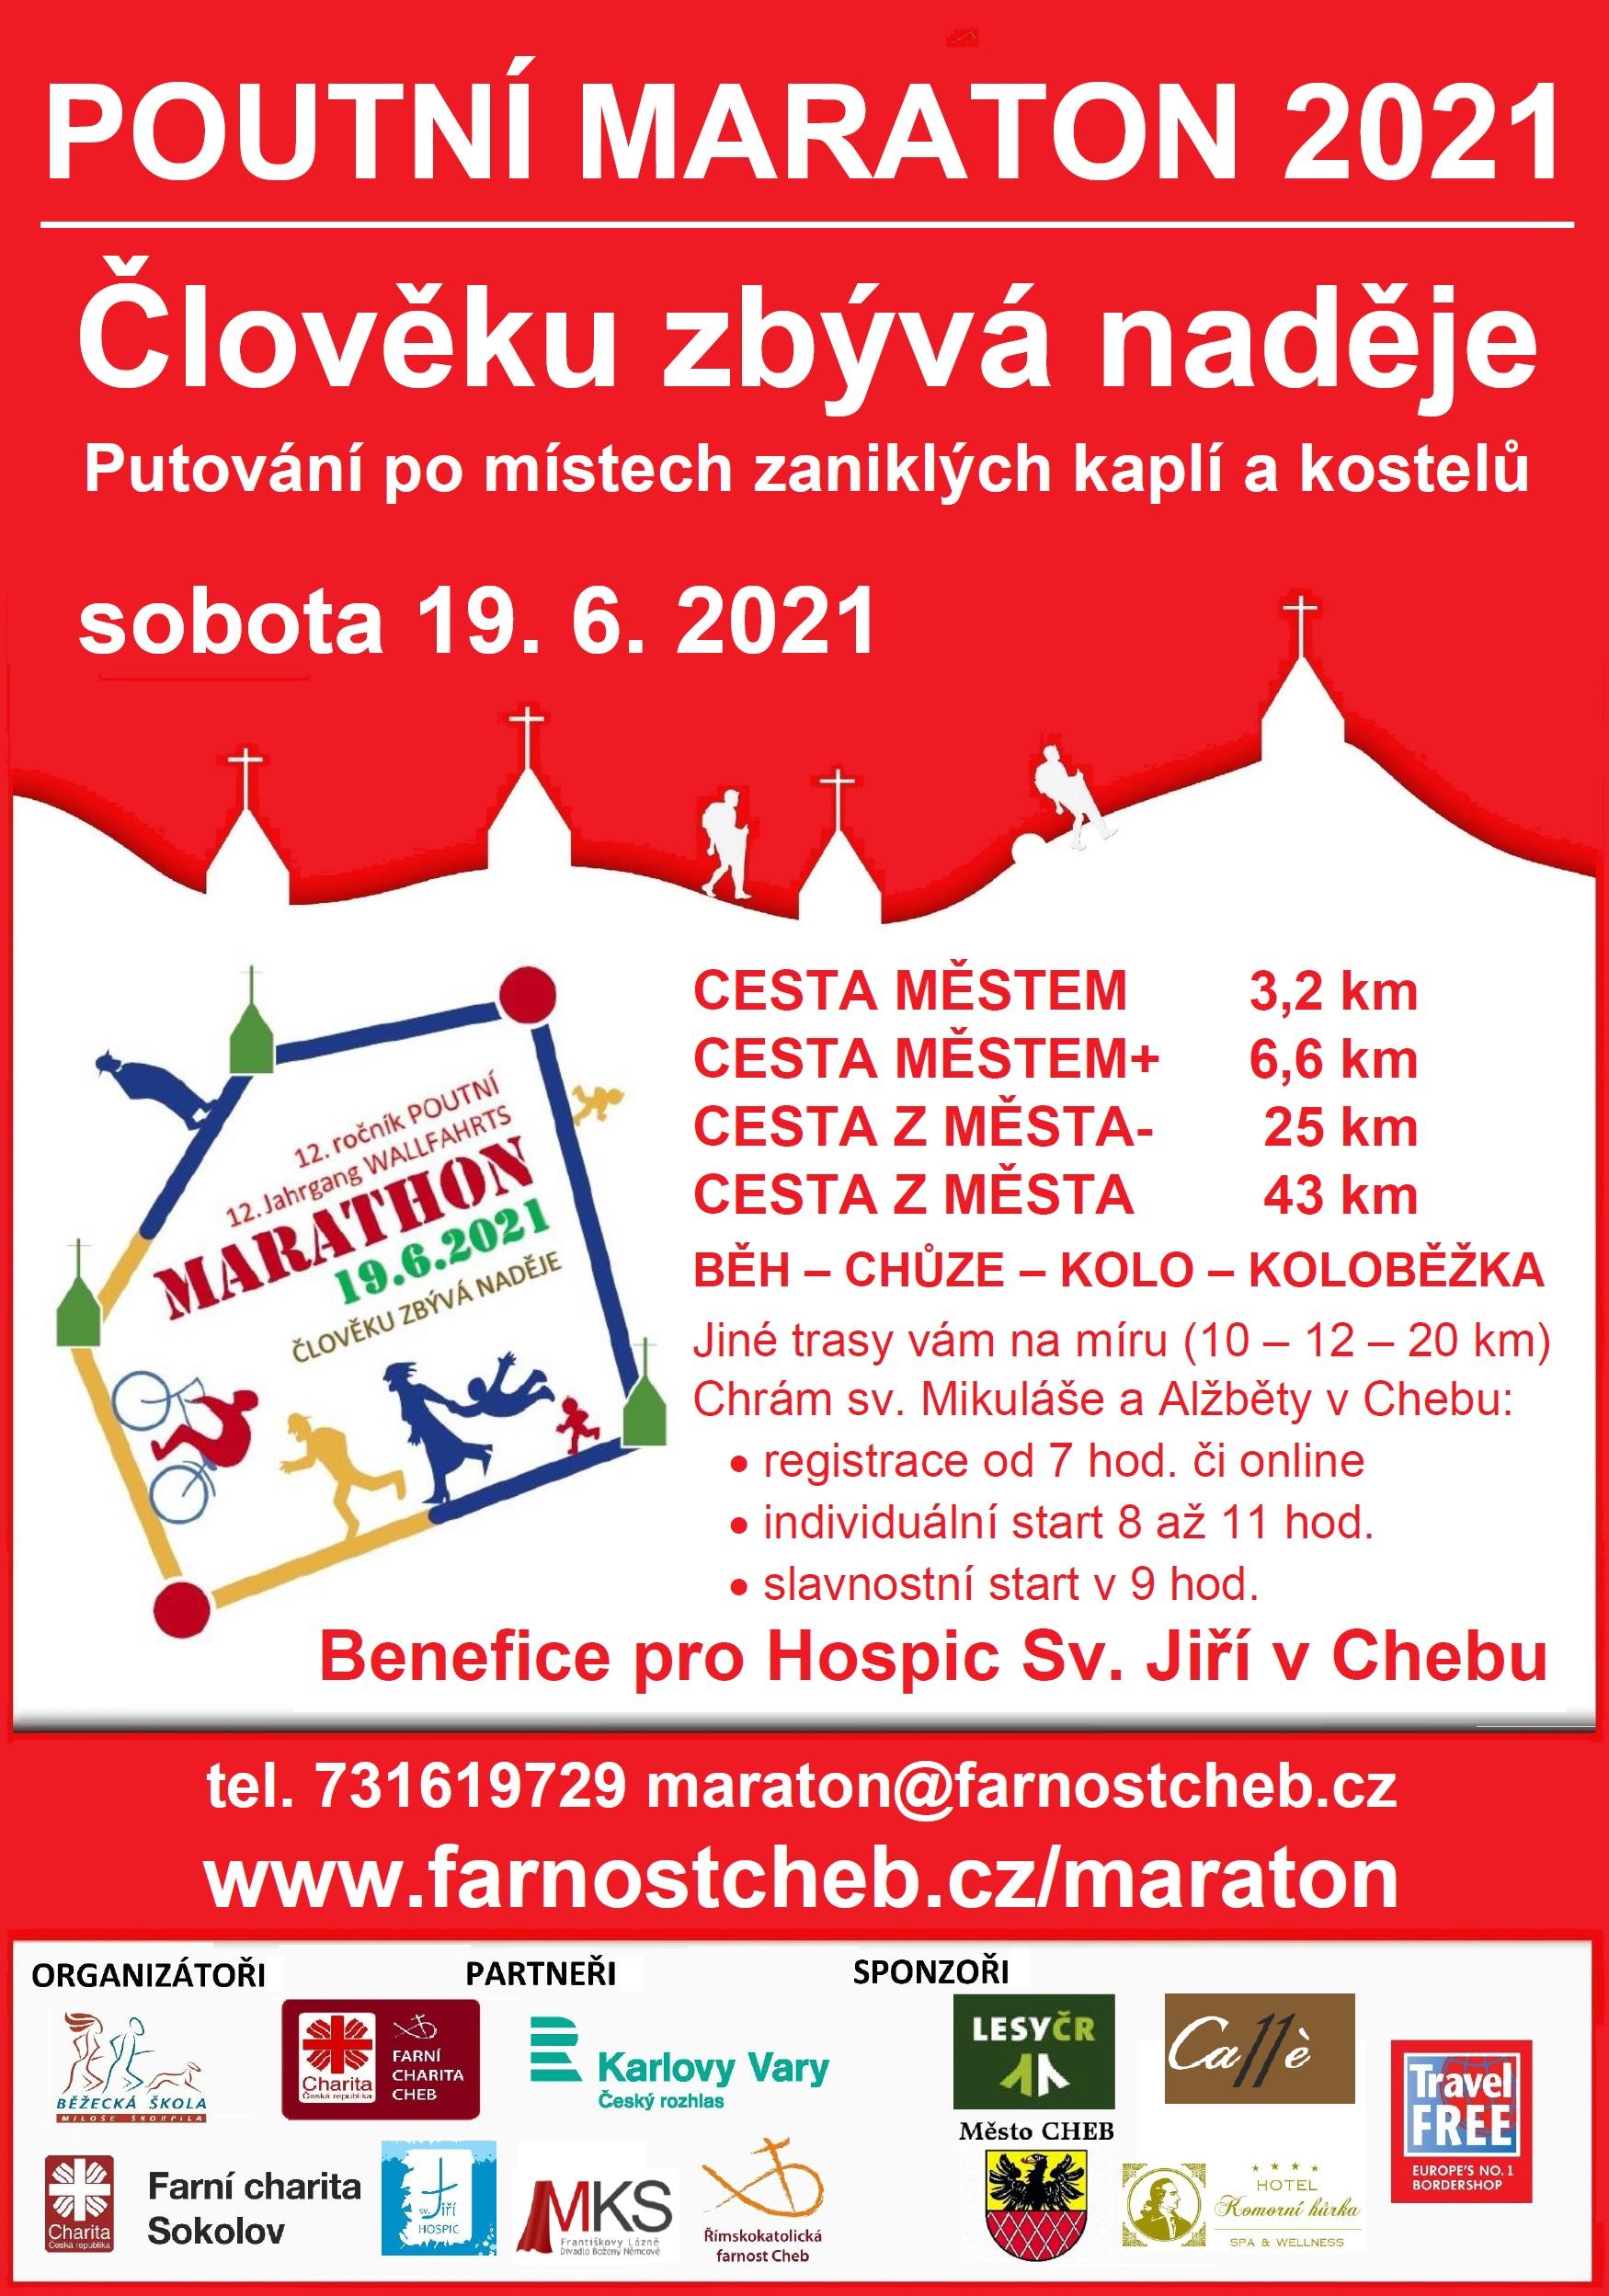 Poutní maraton 2021 - plakát